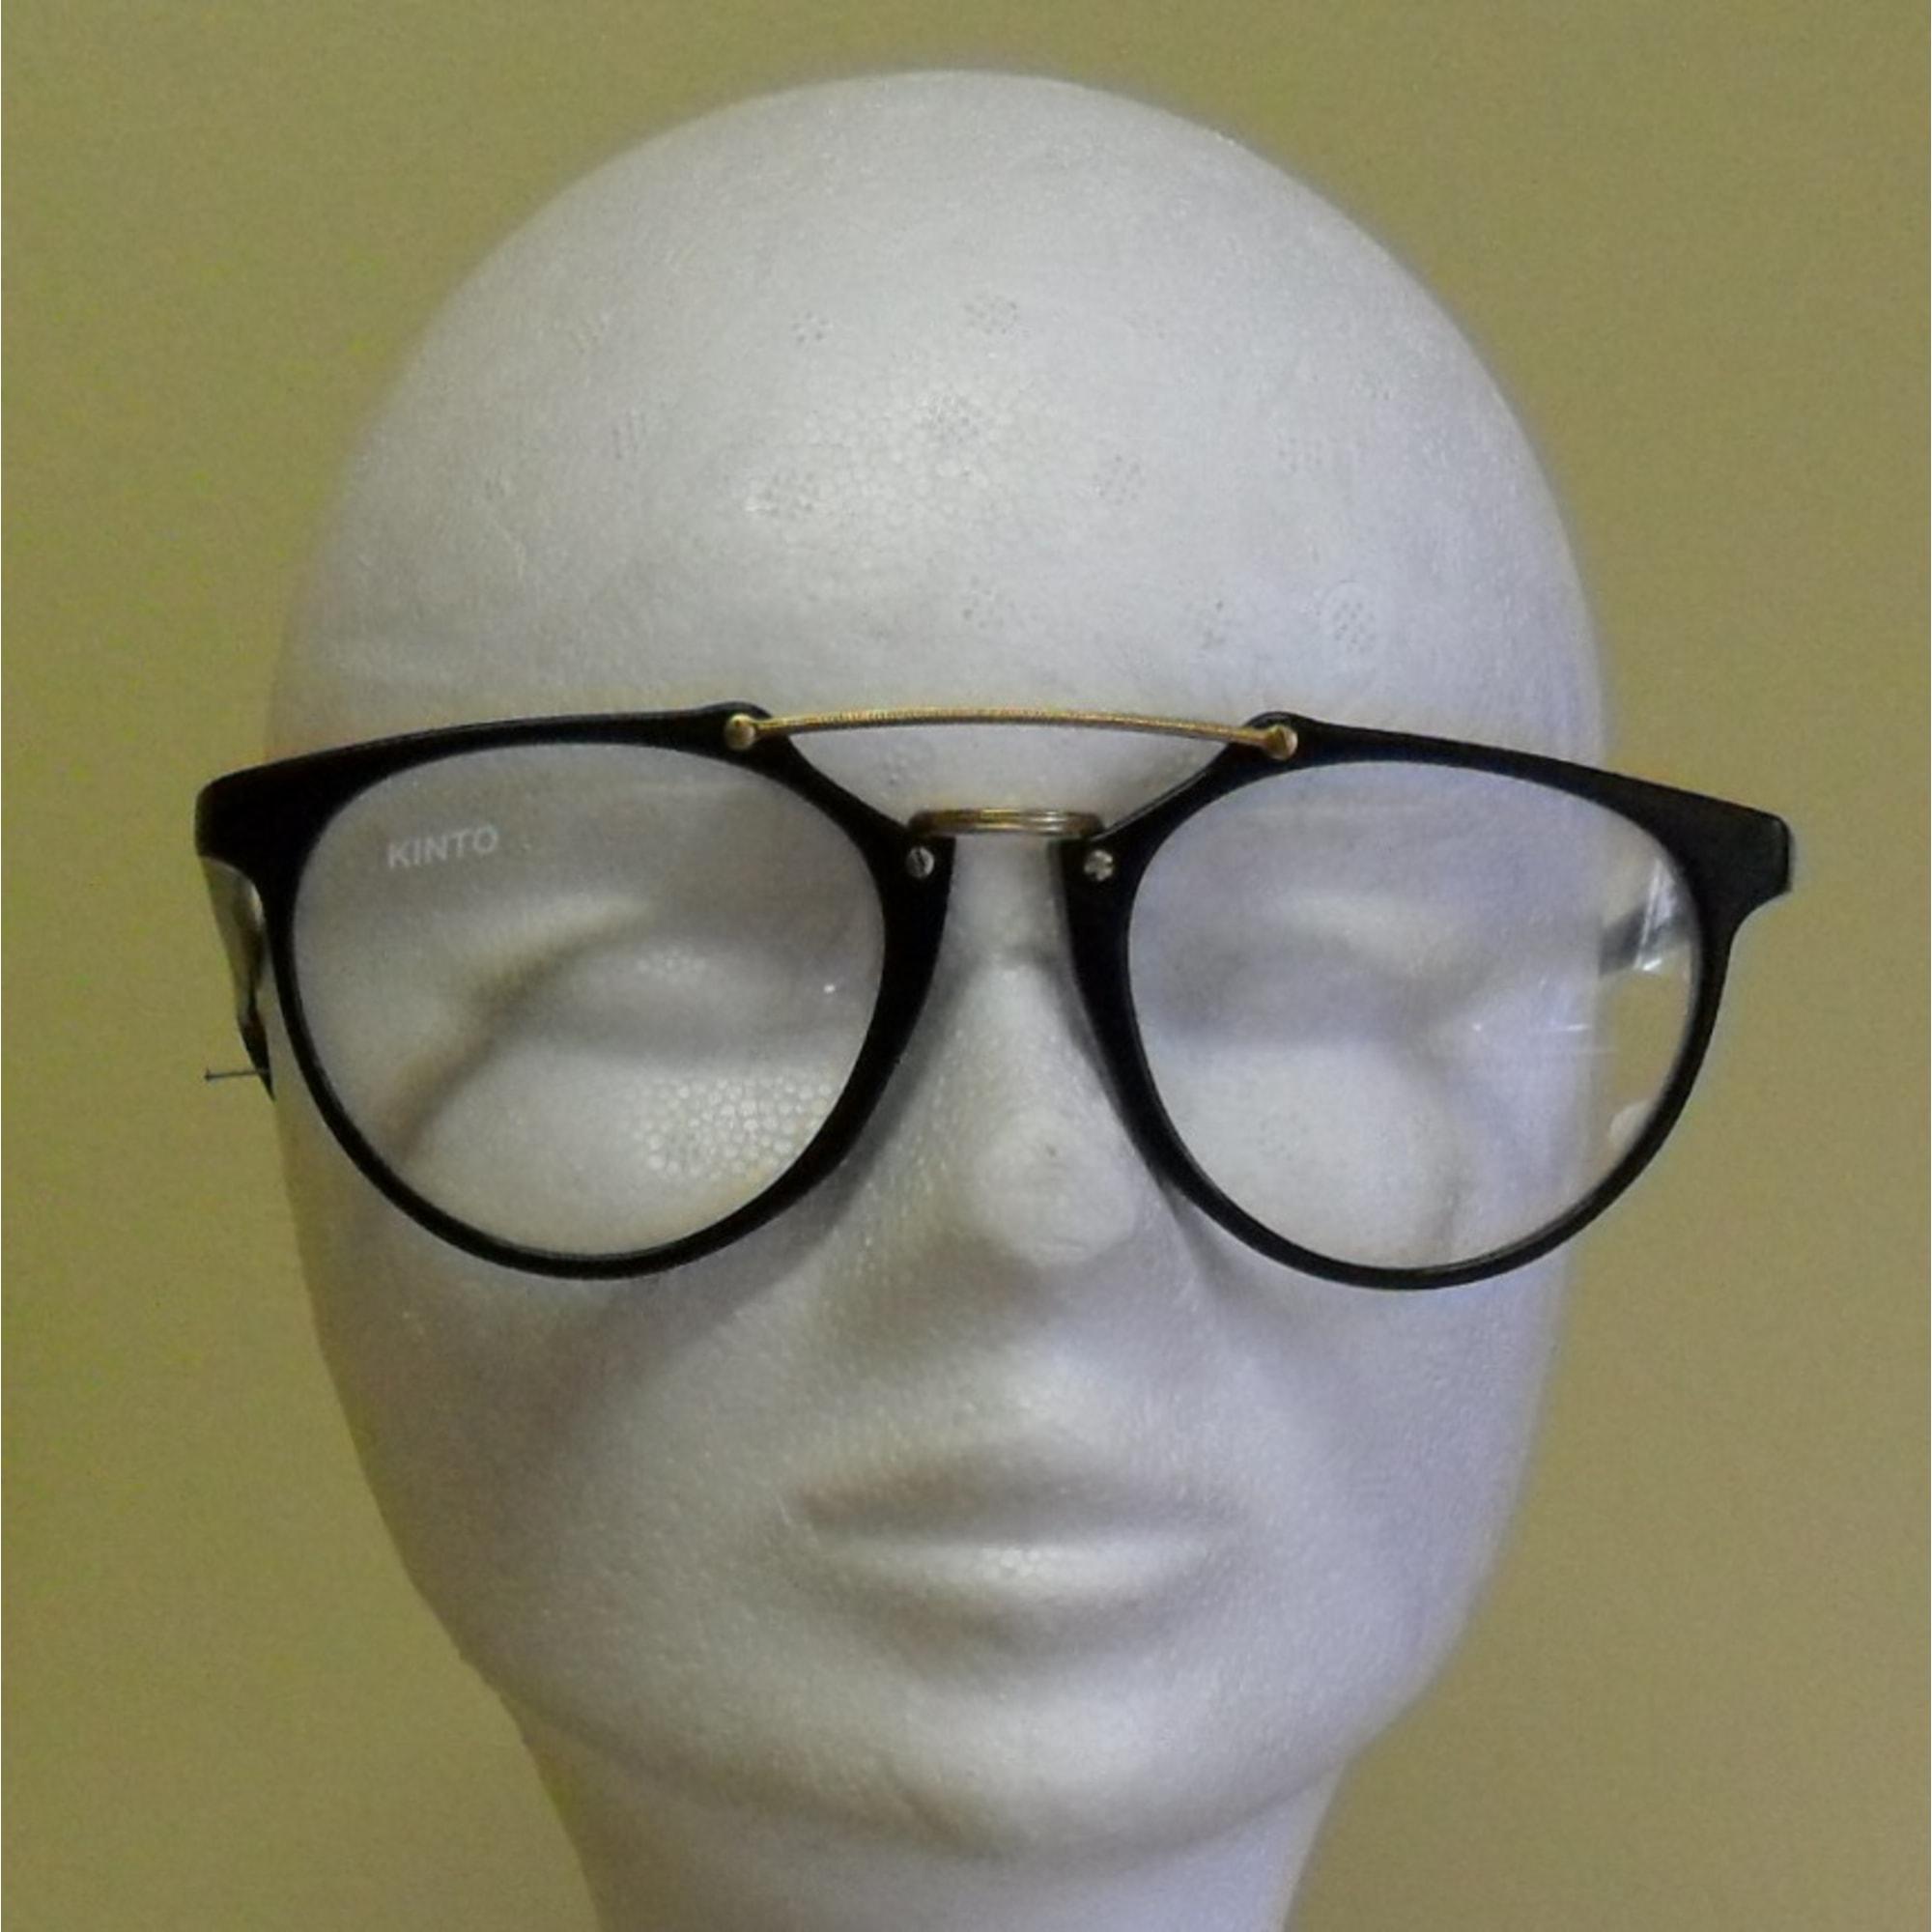 fc8ec01f27b220 Monture de lunettes KINTO doré et noir - 2577520